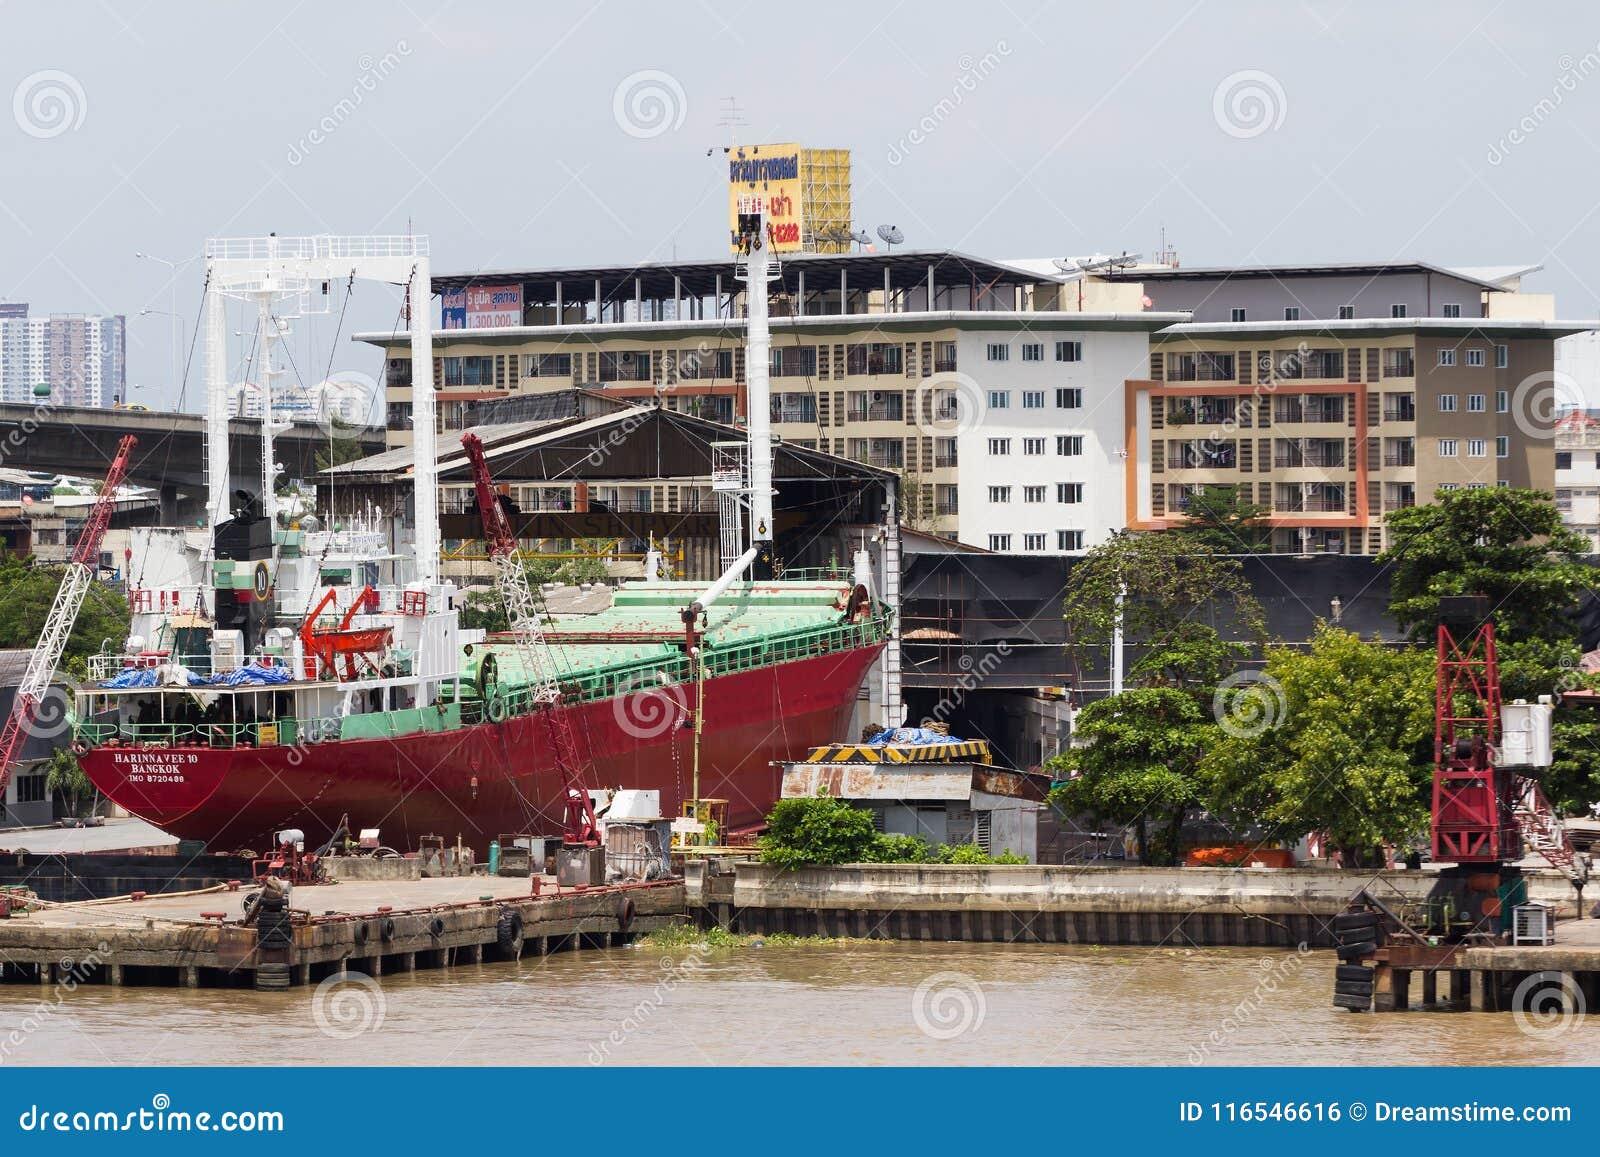 Μεγάλη θαλάσσια βάρκα φορτίου στο στάδιο της επισκευής στο ναυπηγείο